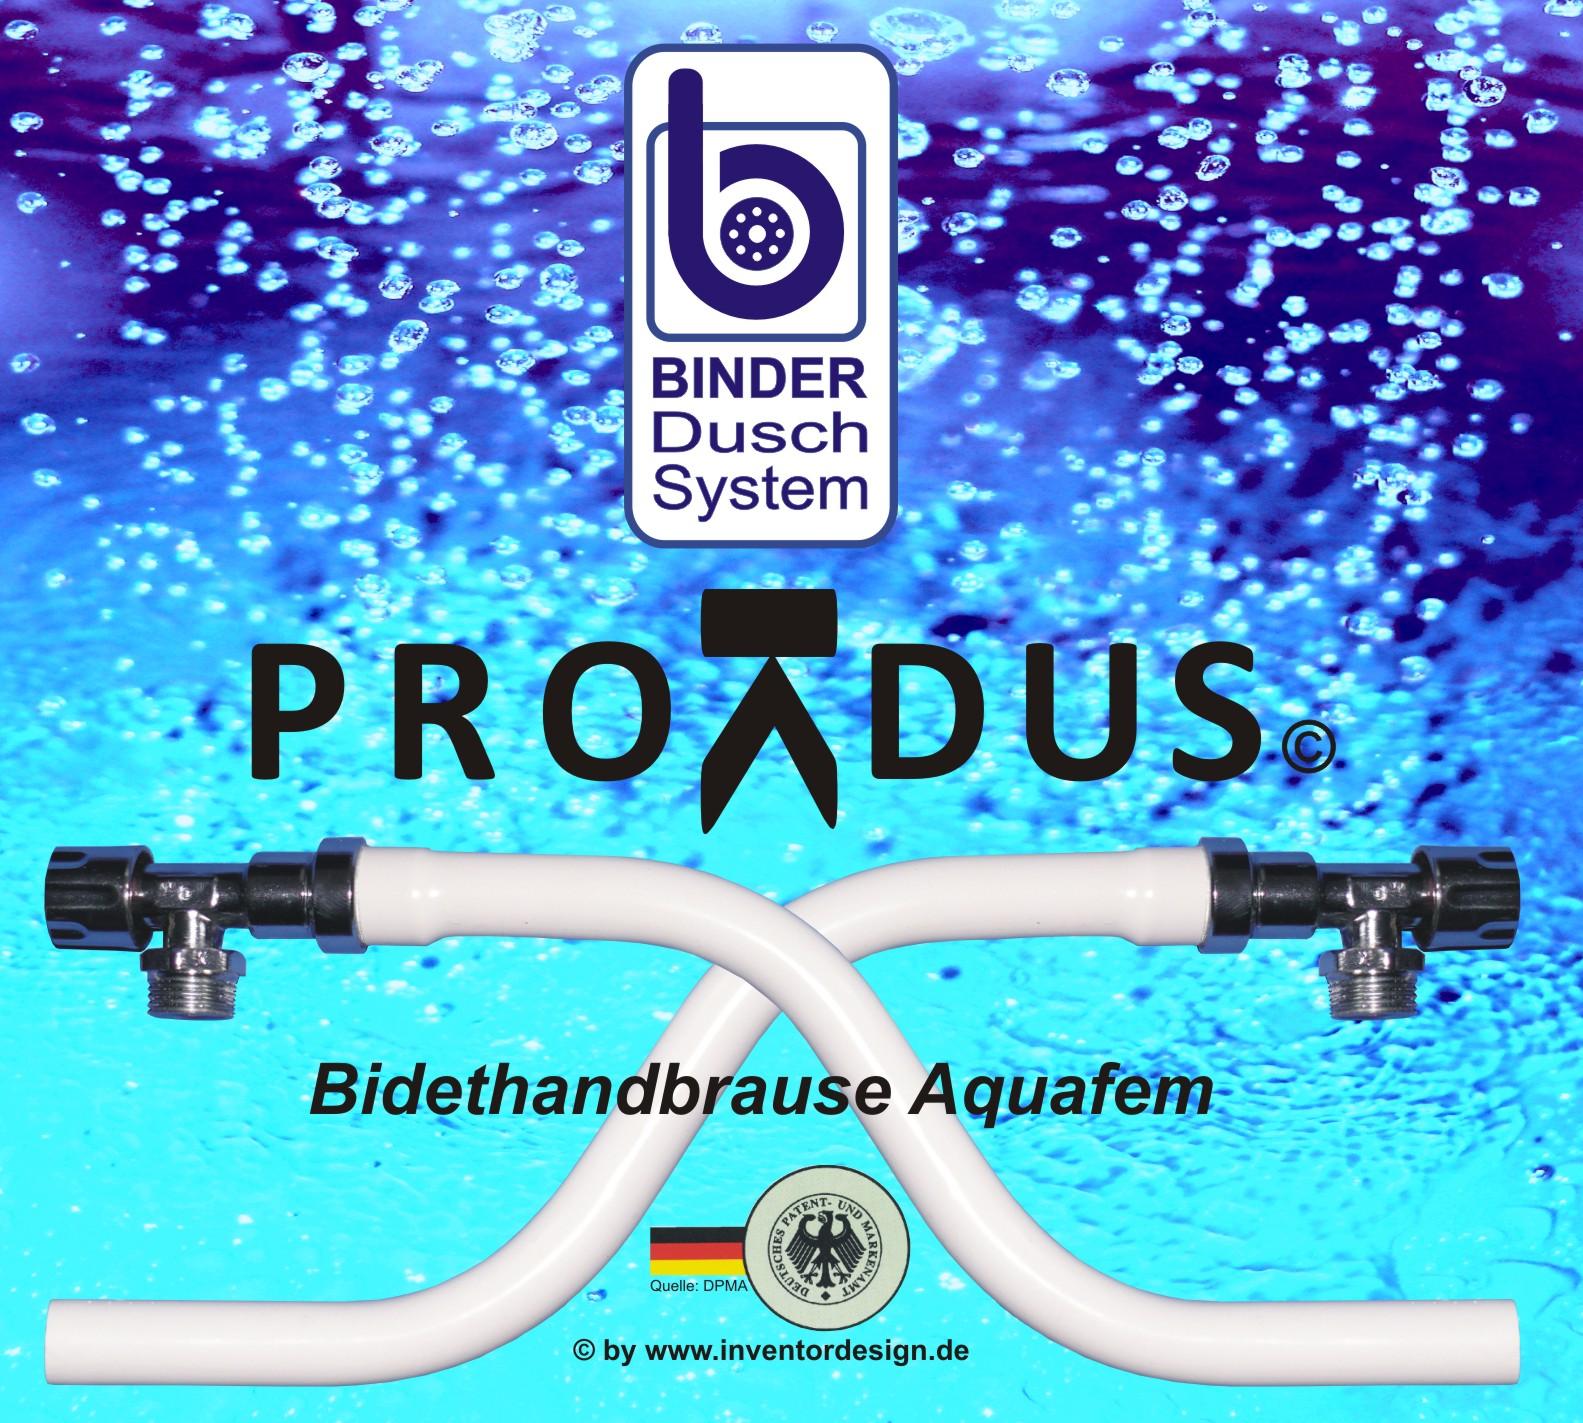 Prokdus-Manufaktur Manfred Binder